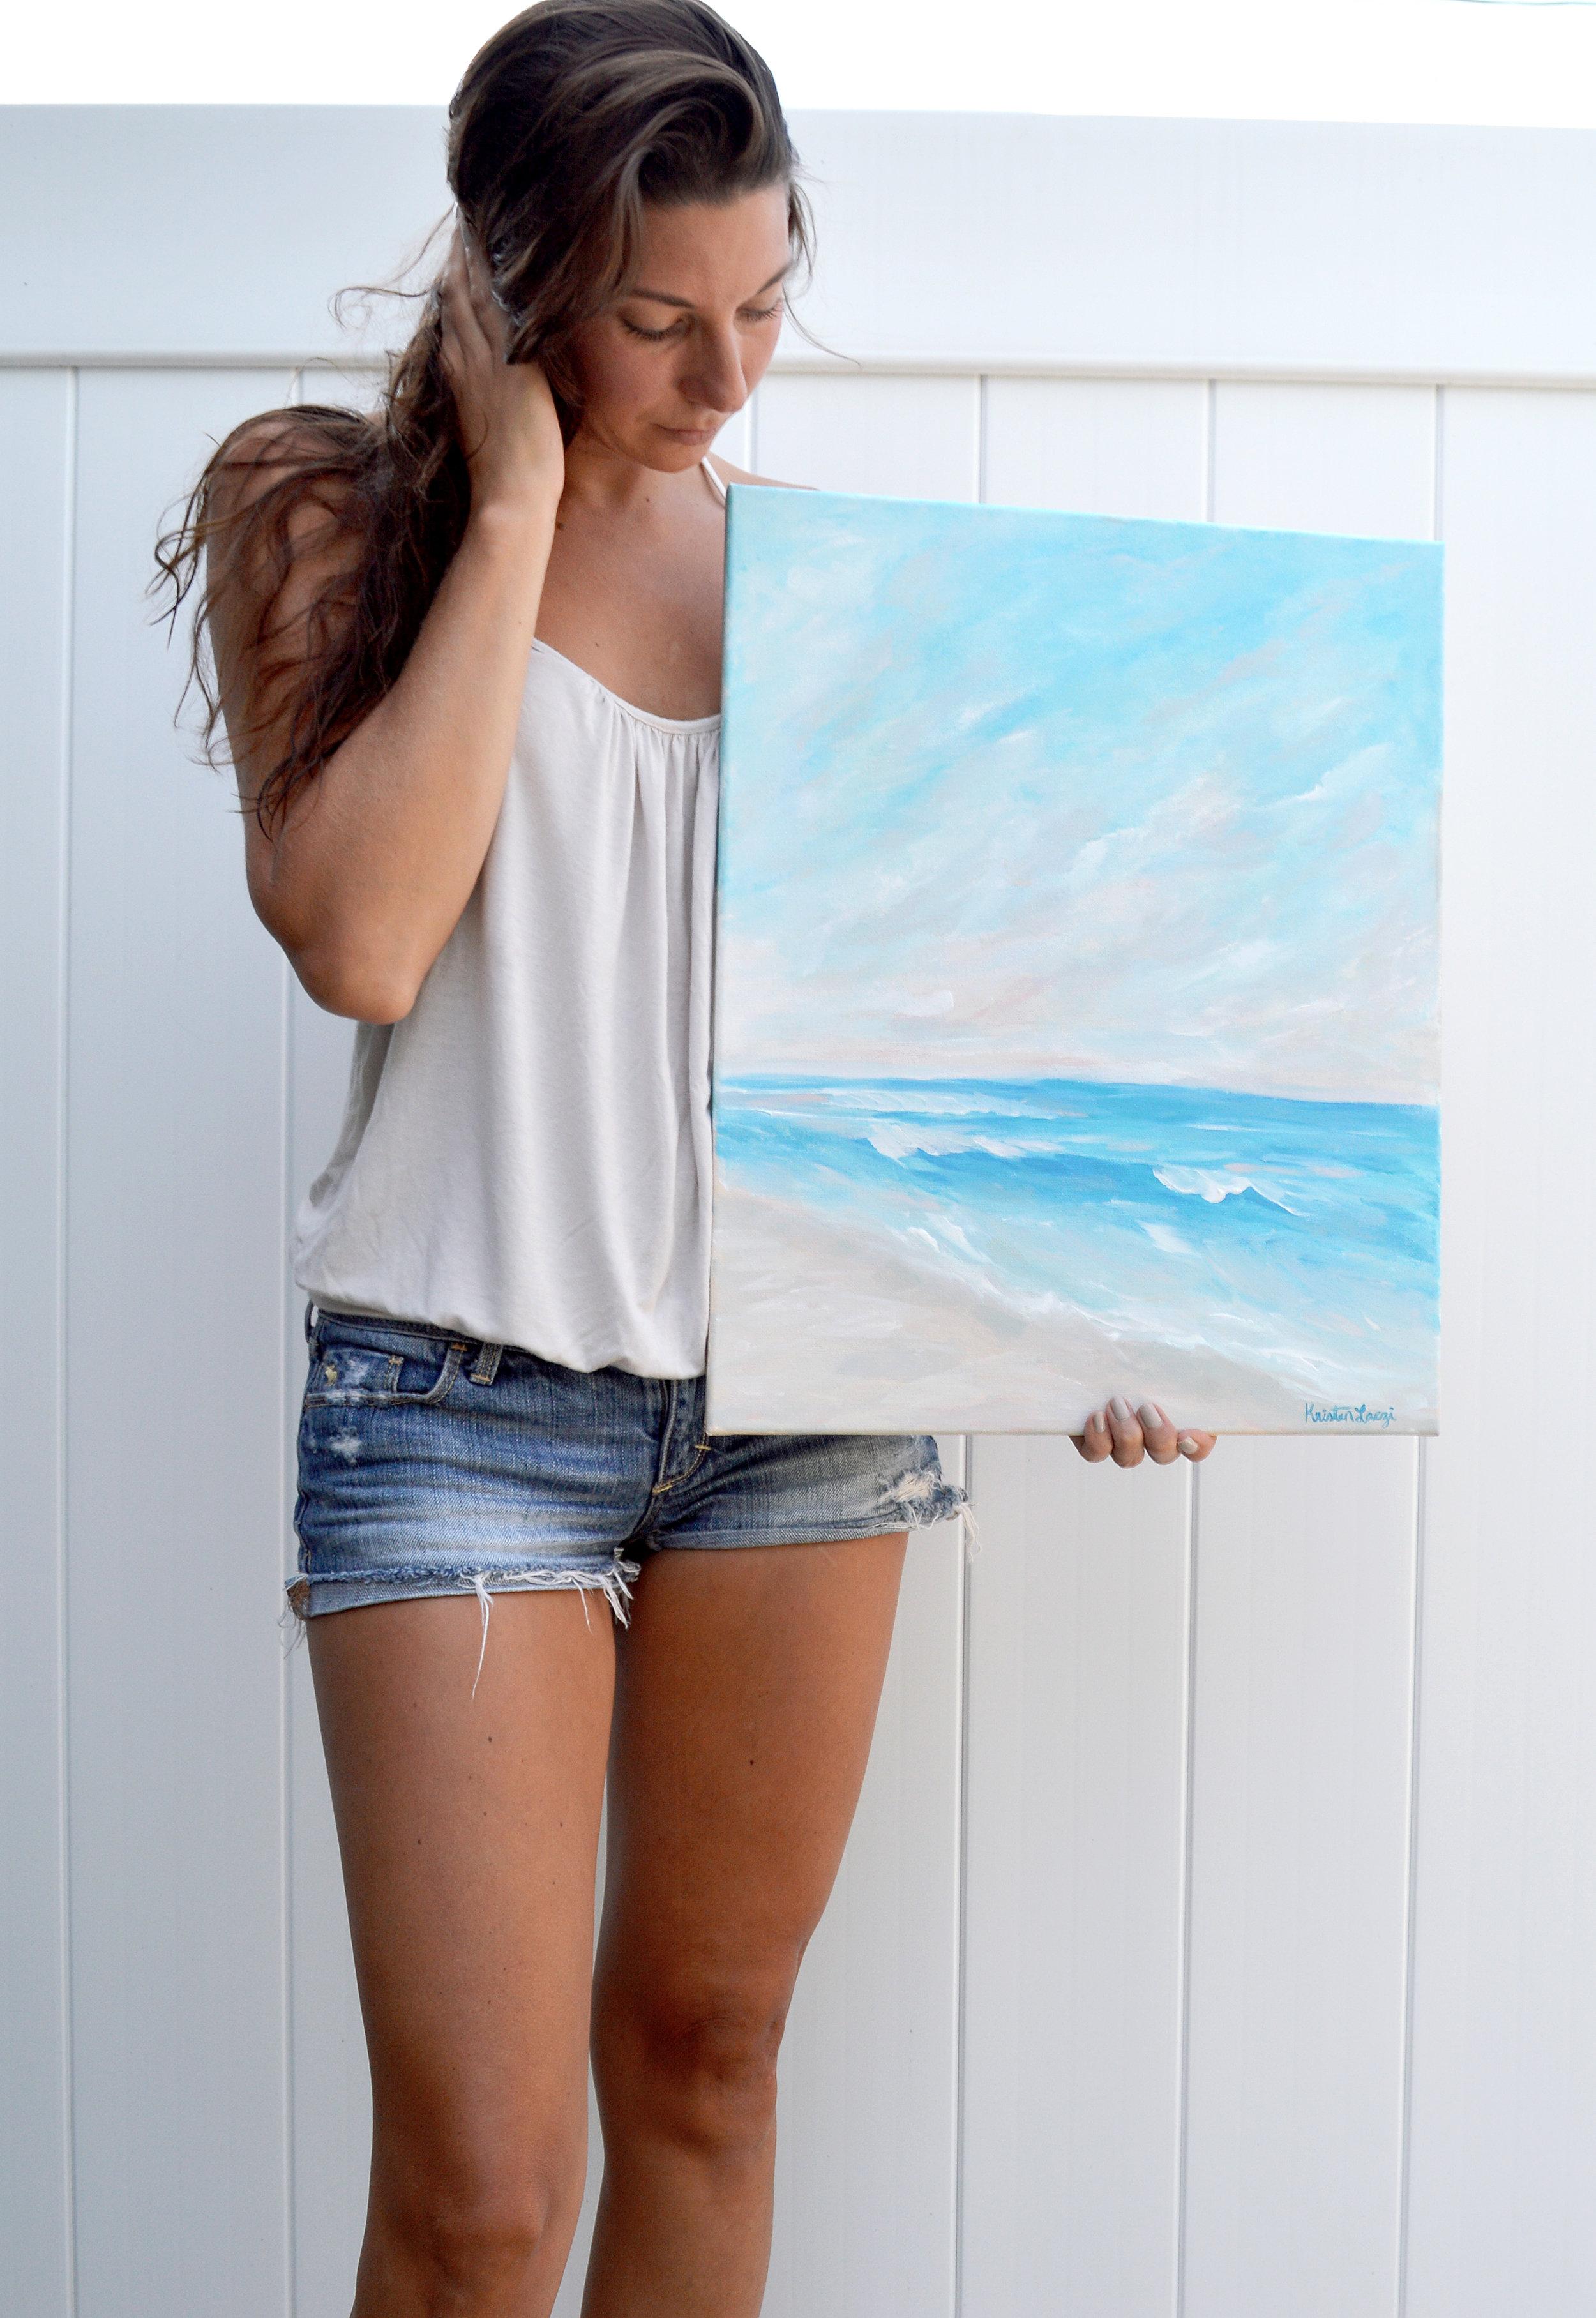 Kristen Love + Light New Painting